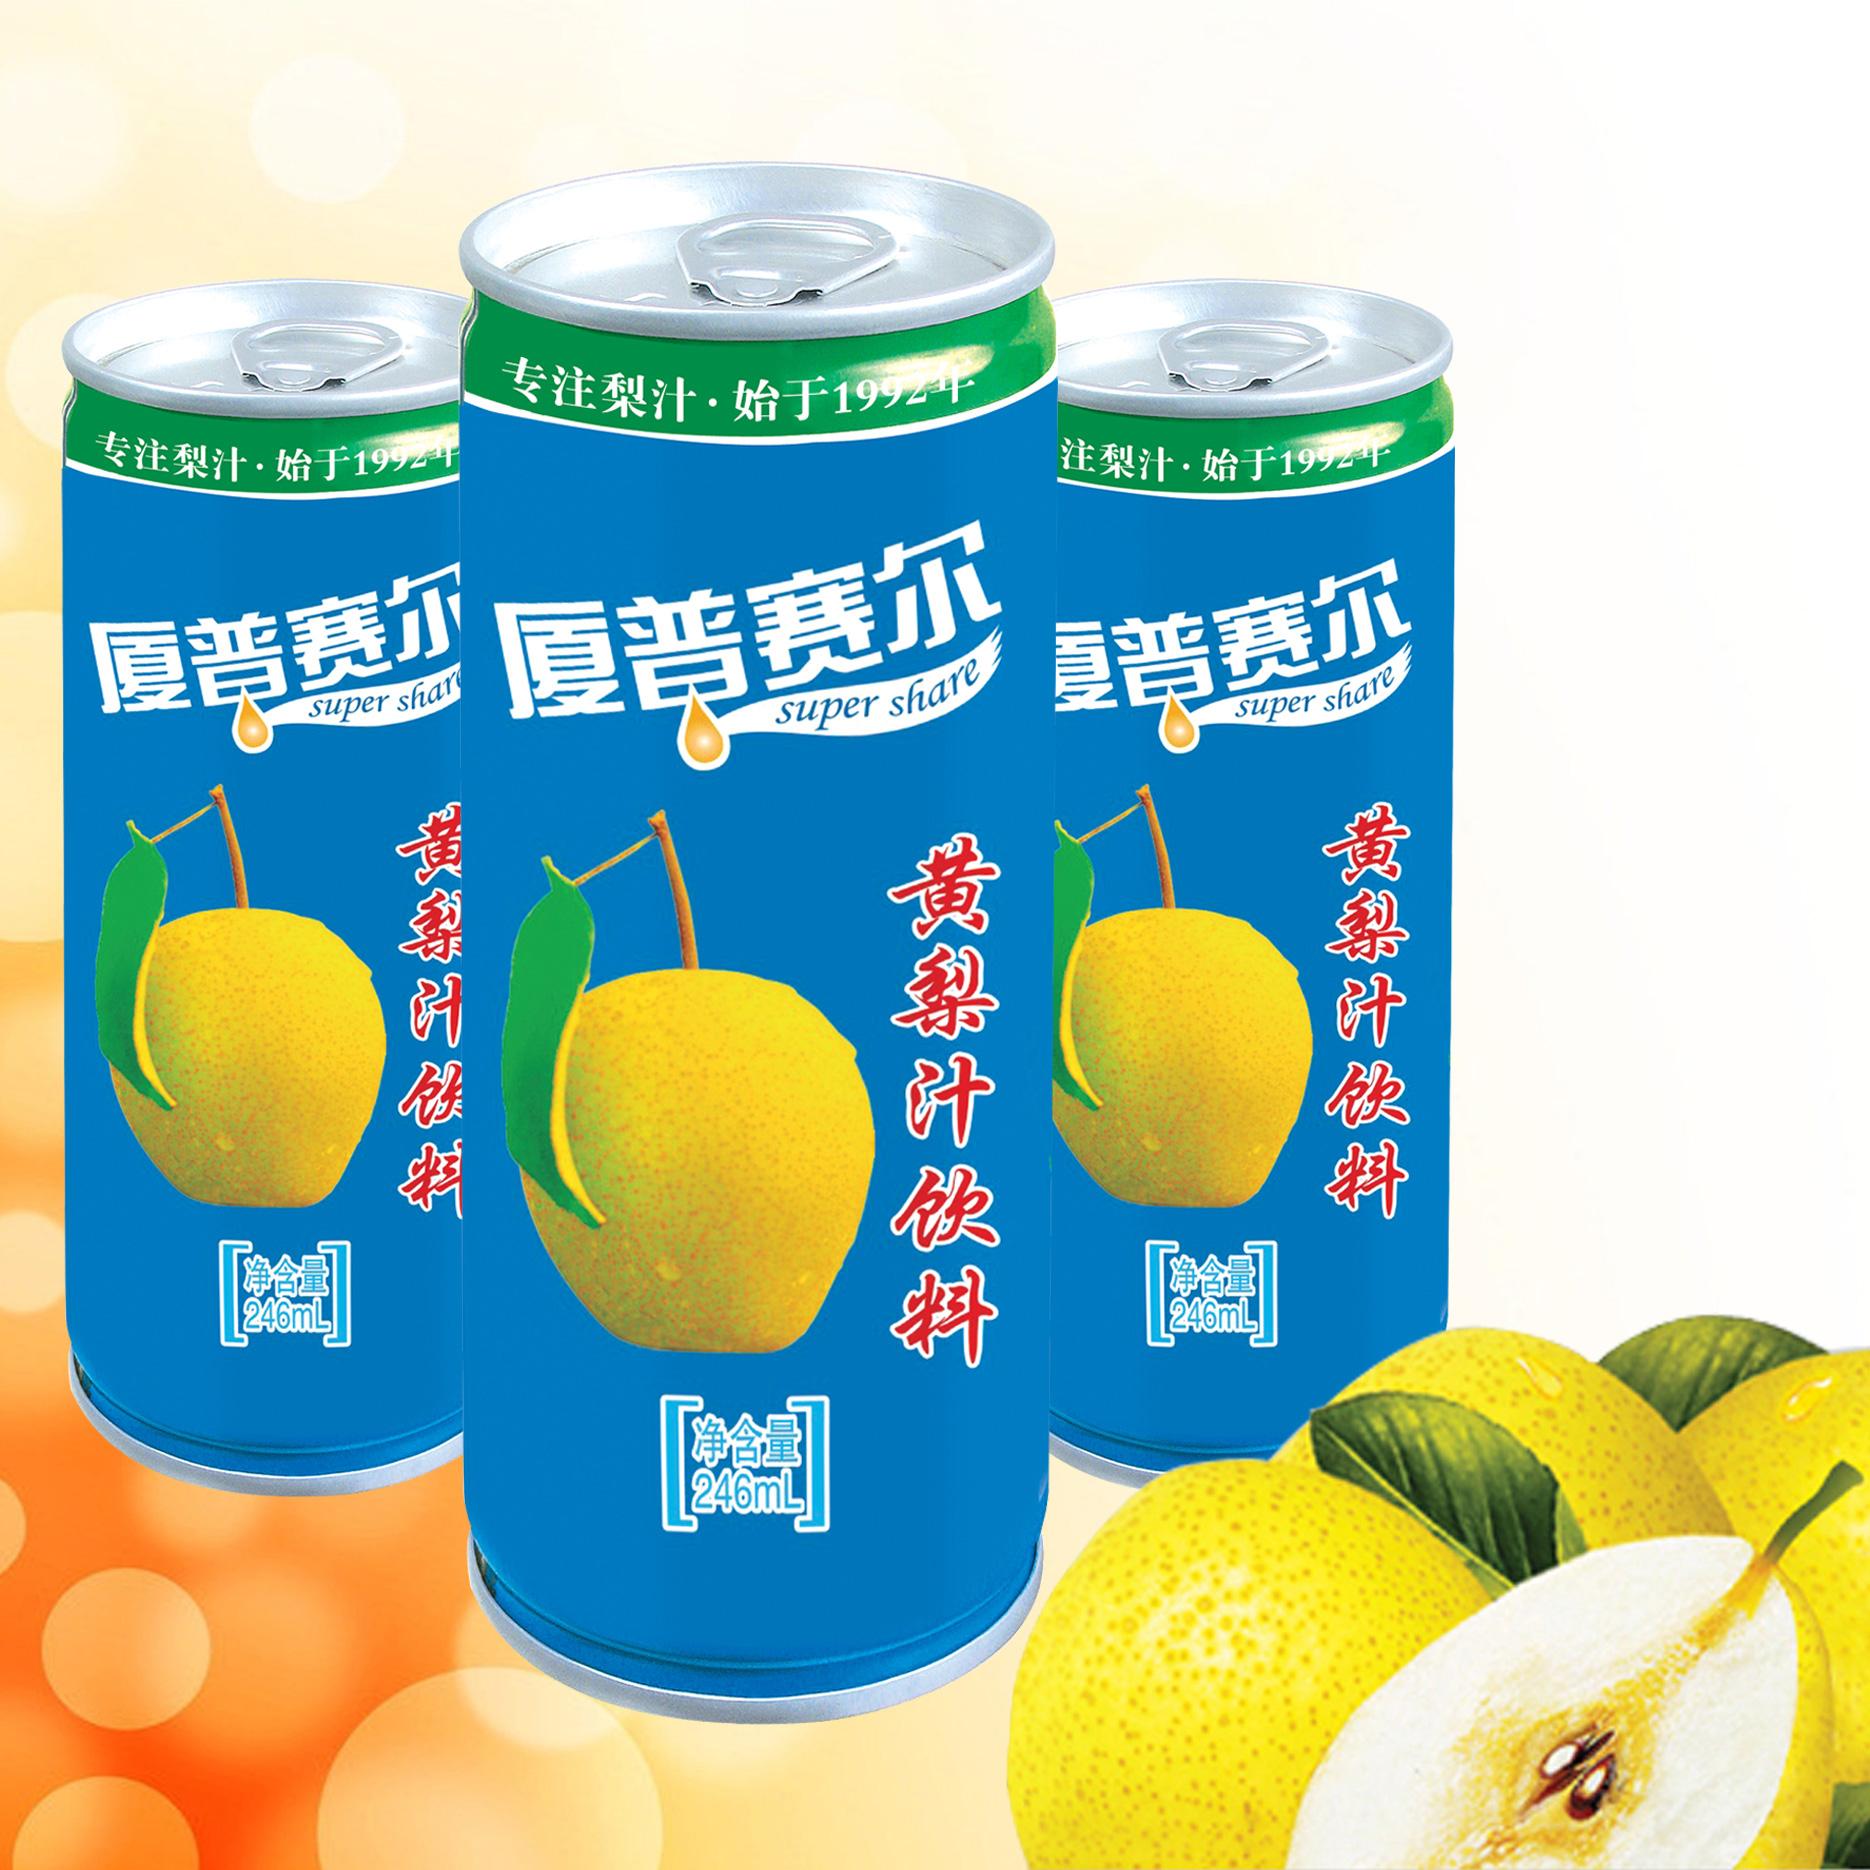 200易拉罐黄梨汁饮料